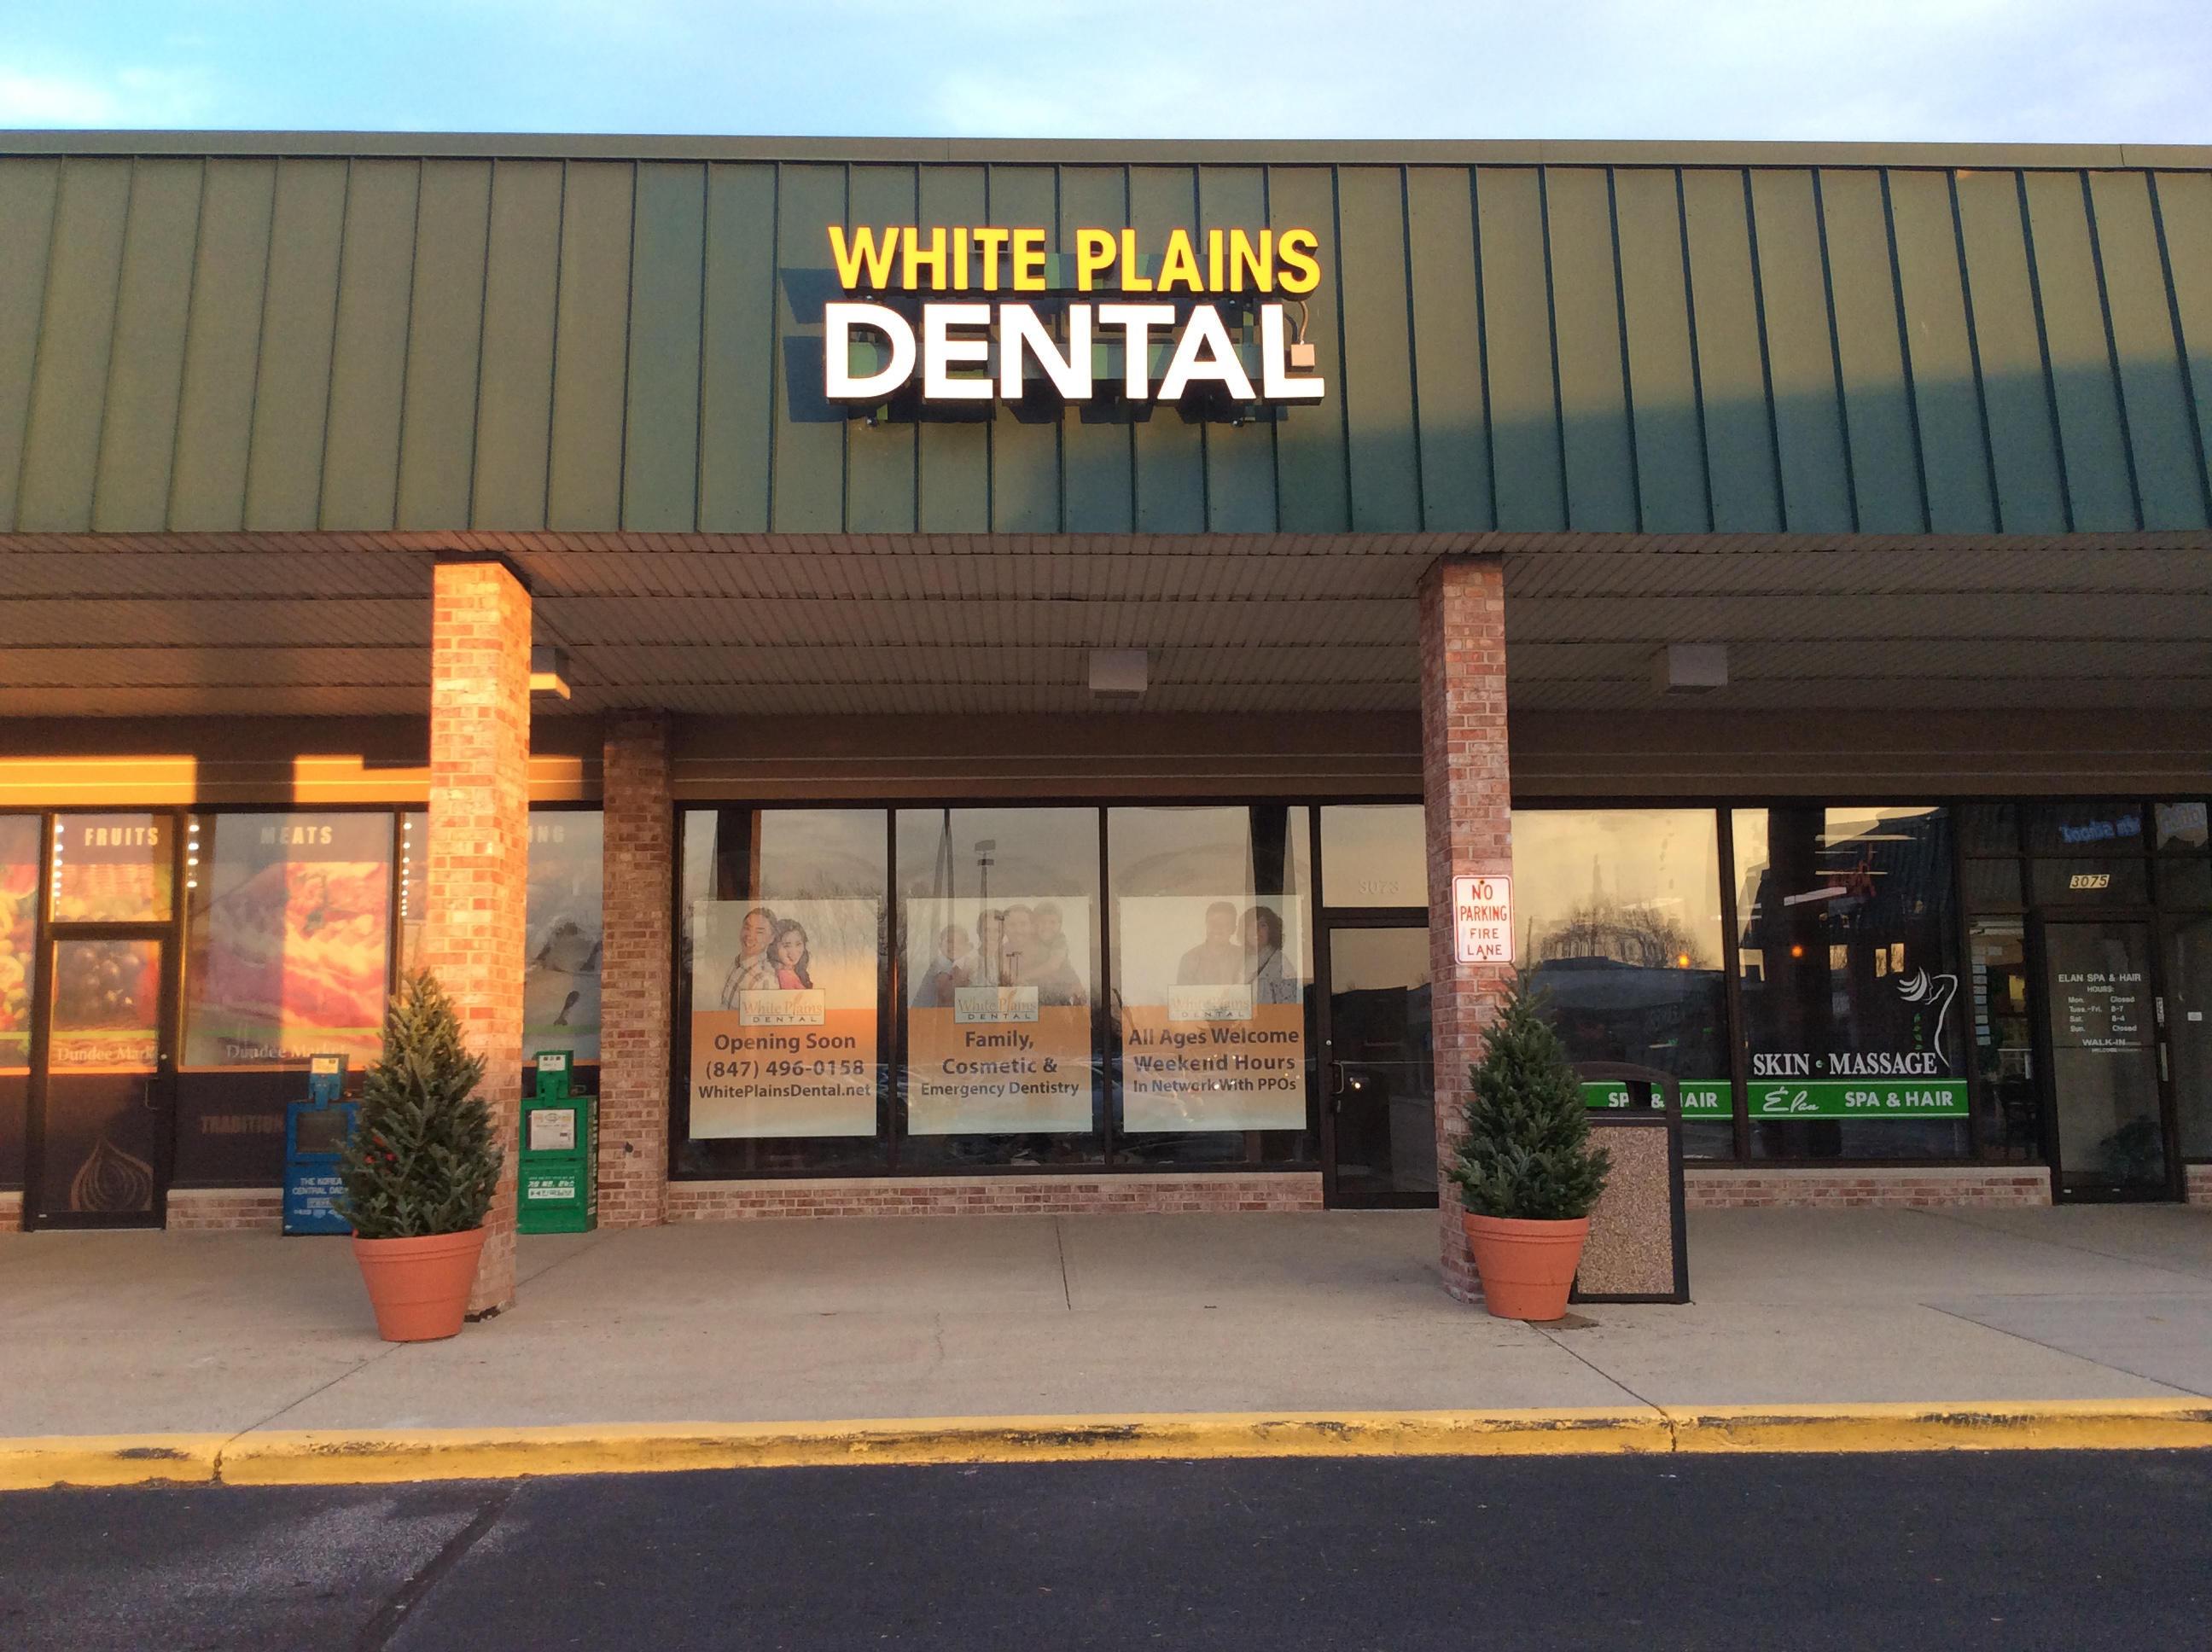 White Plains Dental image 1